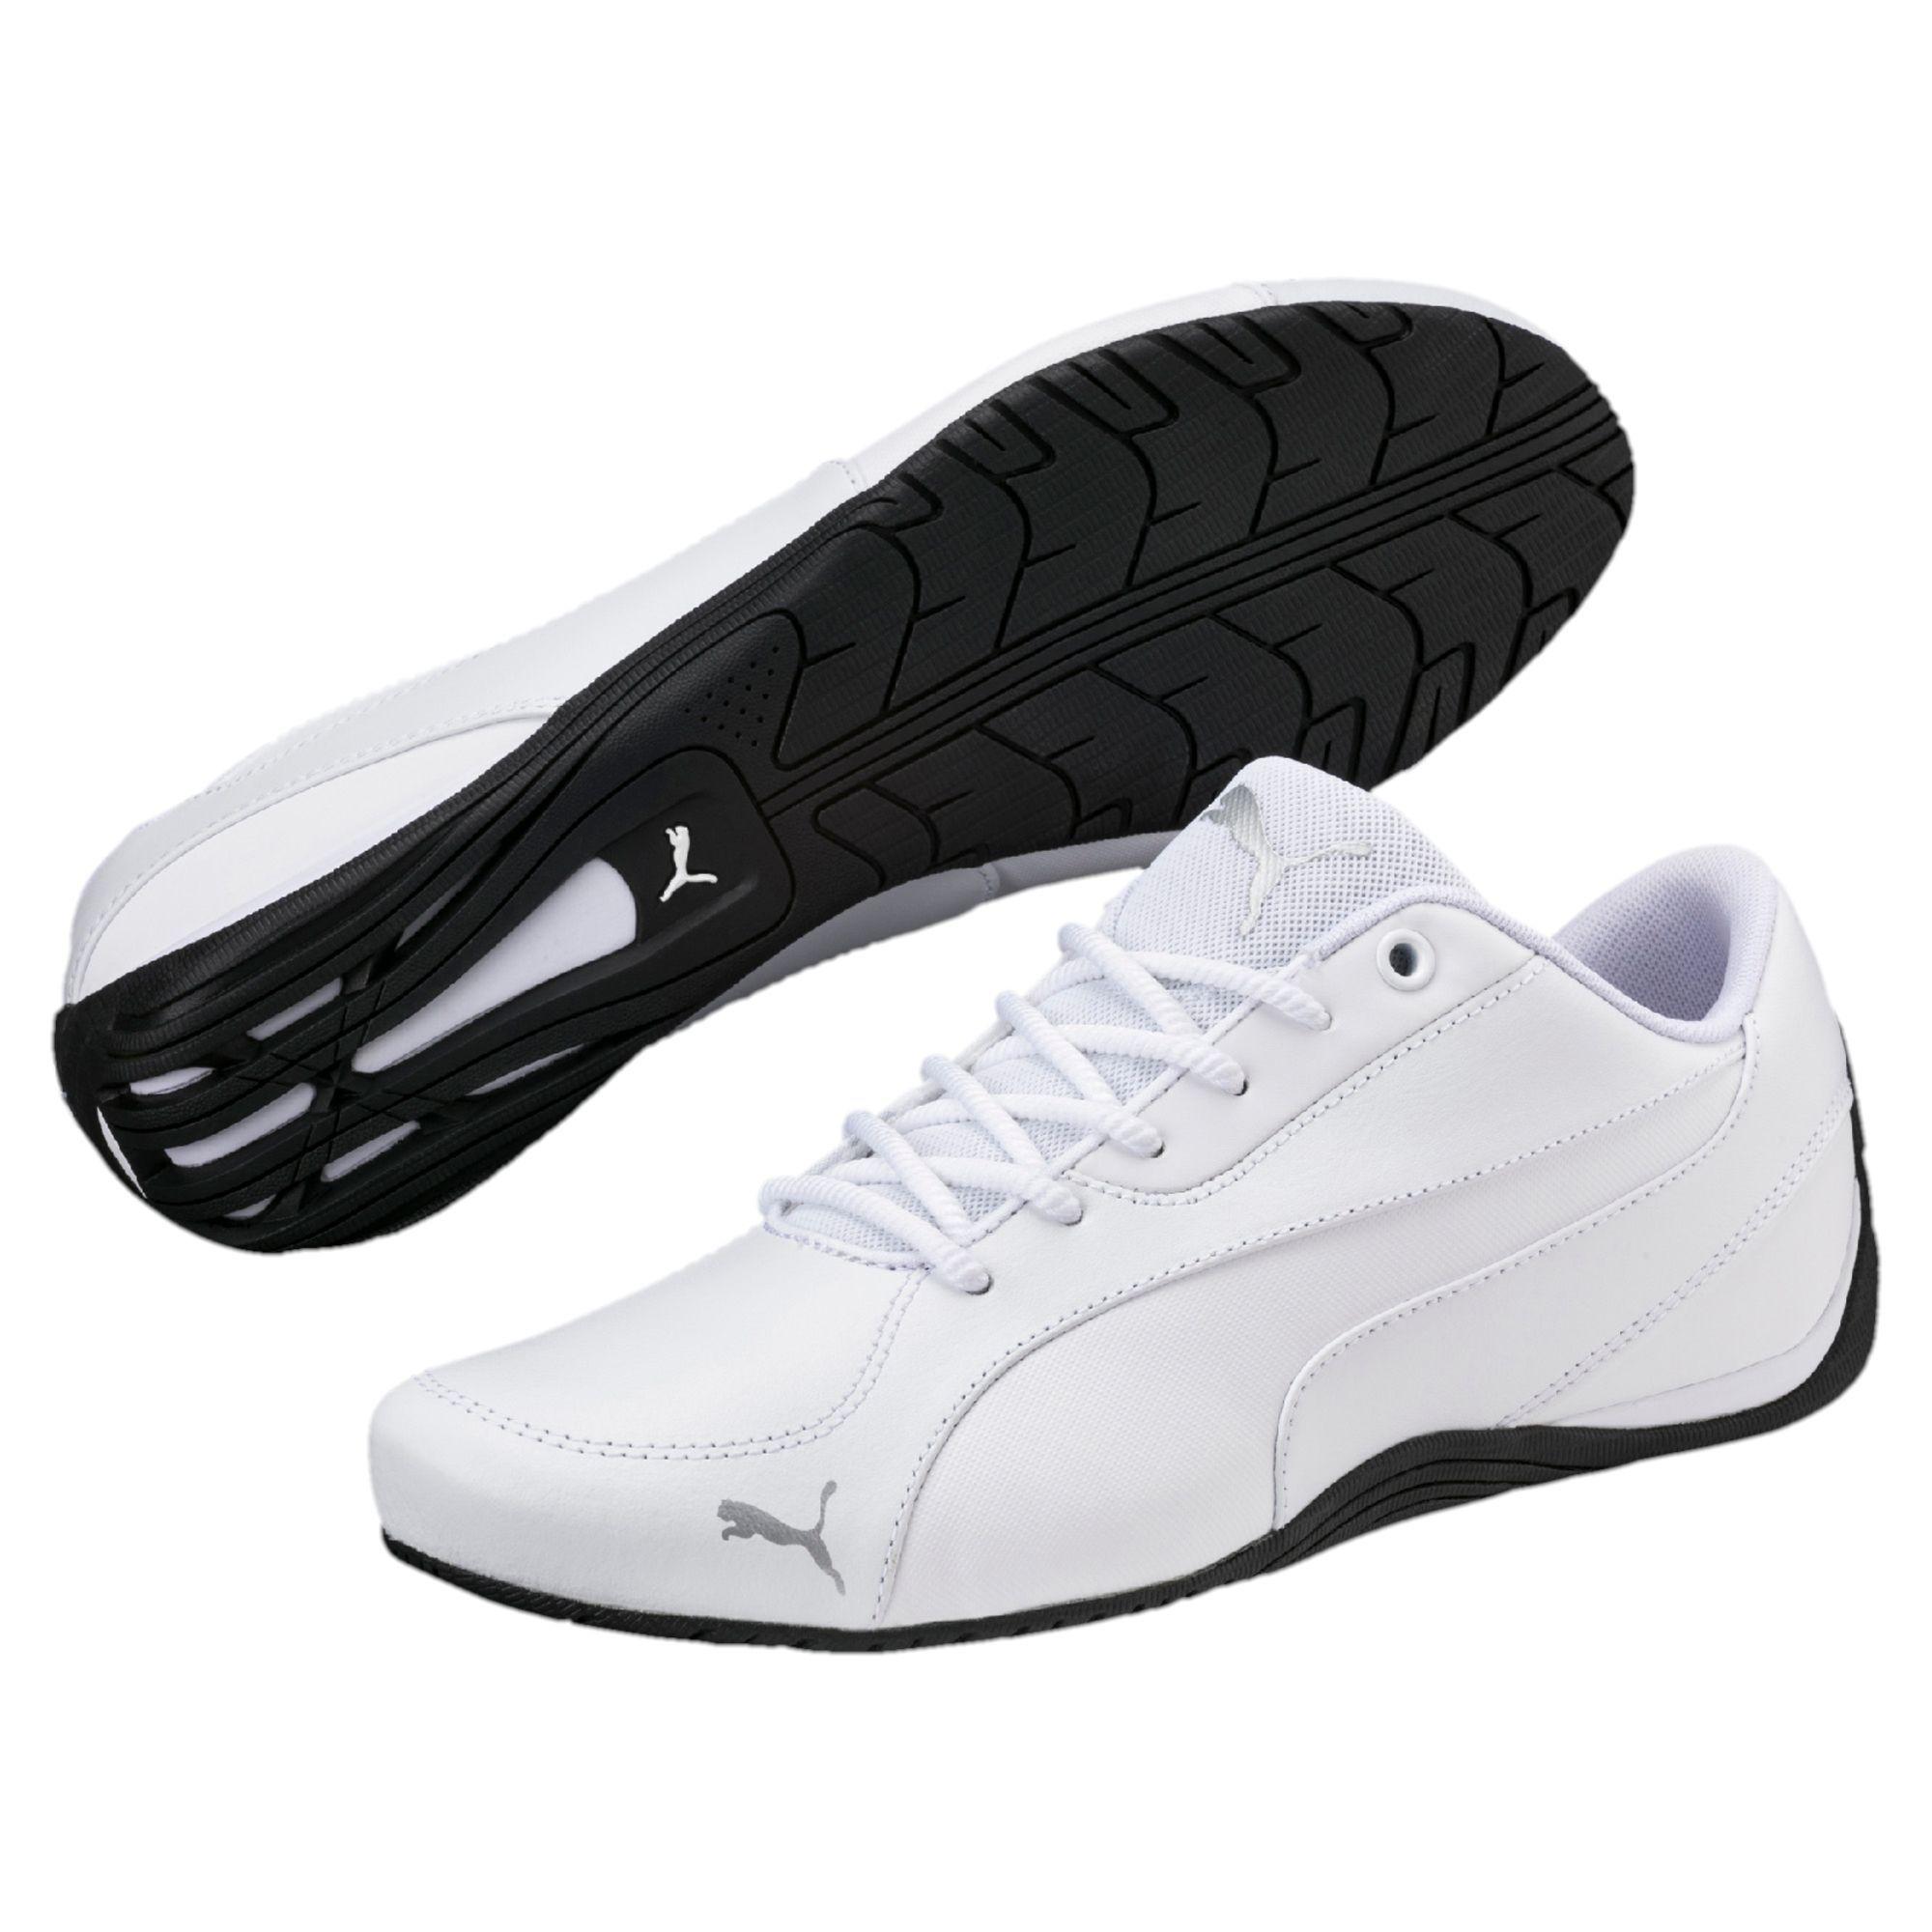 Buty Meskie Puma Model Drift Cat 5 Core W Kolorze Bialym Z Cczarna Podeszwa Pochodza Z Najnowszej Kolekcji Wykonano Running Shoes For Men Puma Shoes Mens